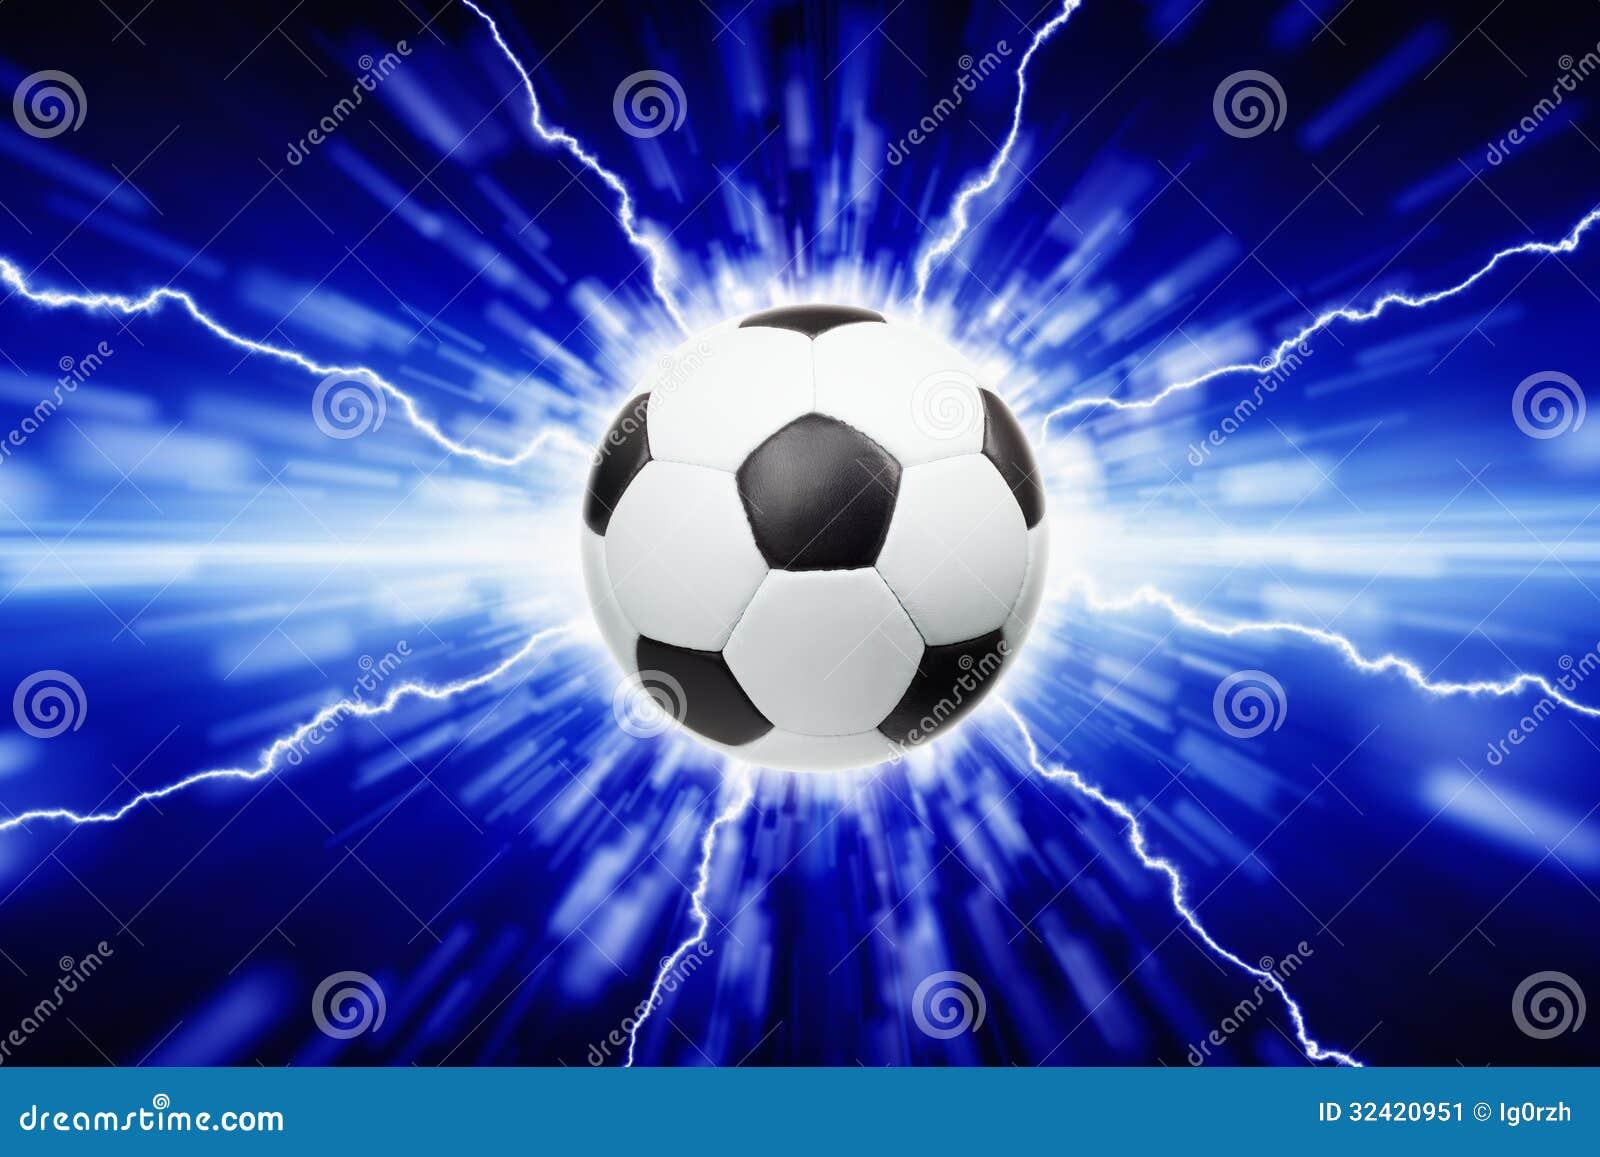 Fussball Stockbild Bild Von Sport Shine Meisterschaft